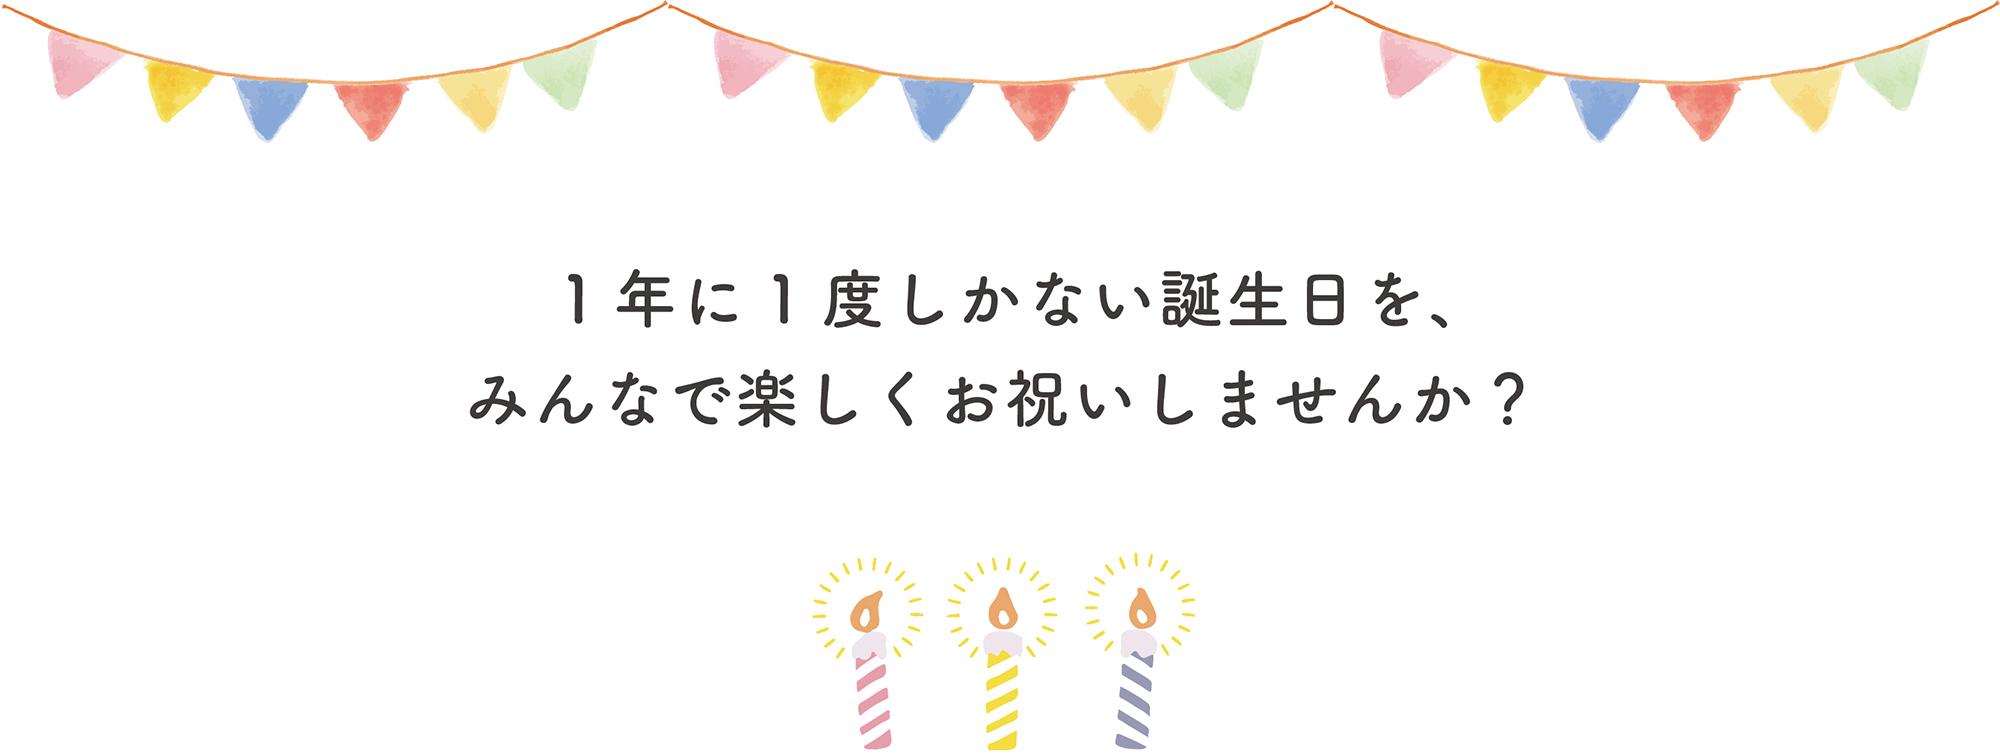 一年に1度しかない誕生日wpみんなで楽しくお祝いしませんか?